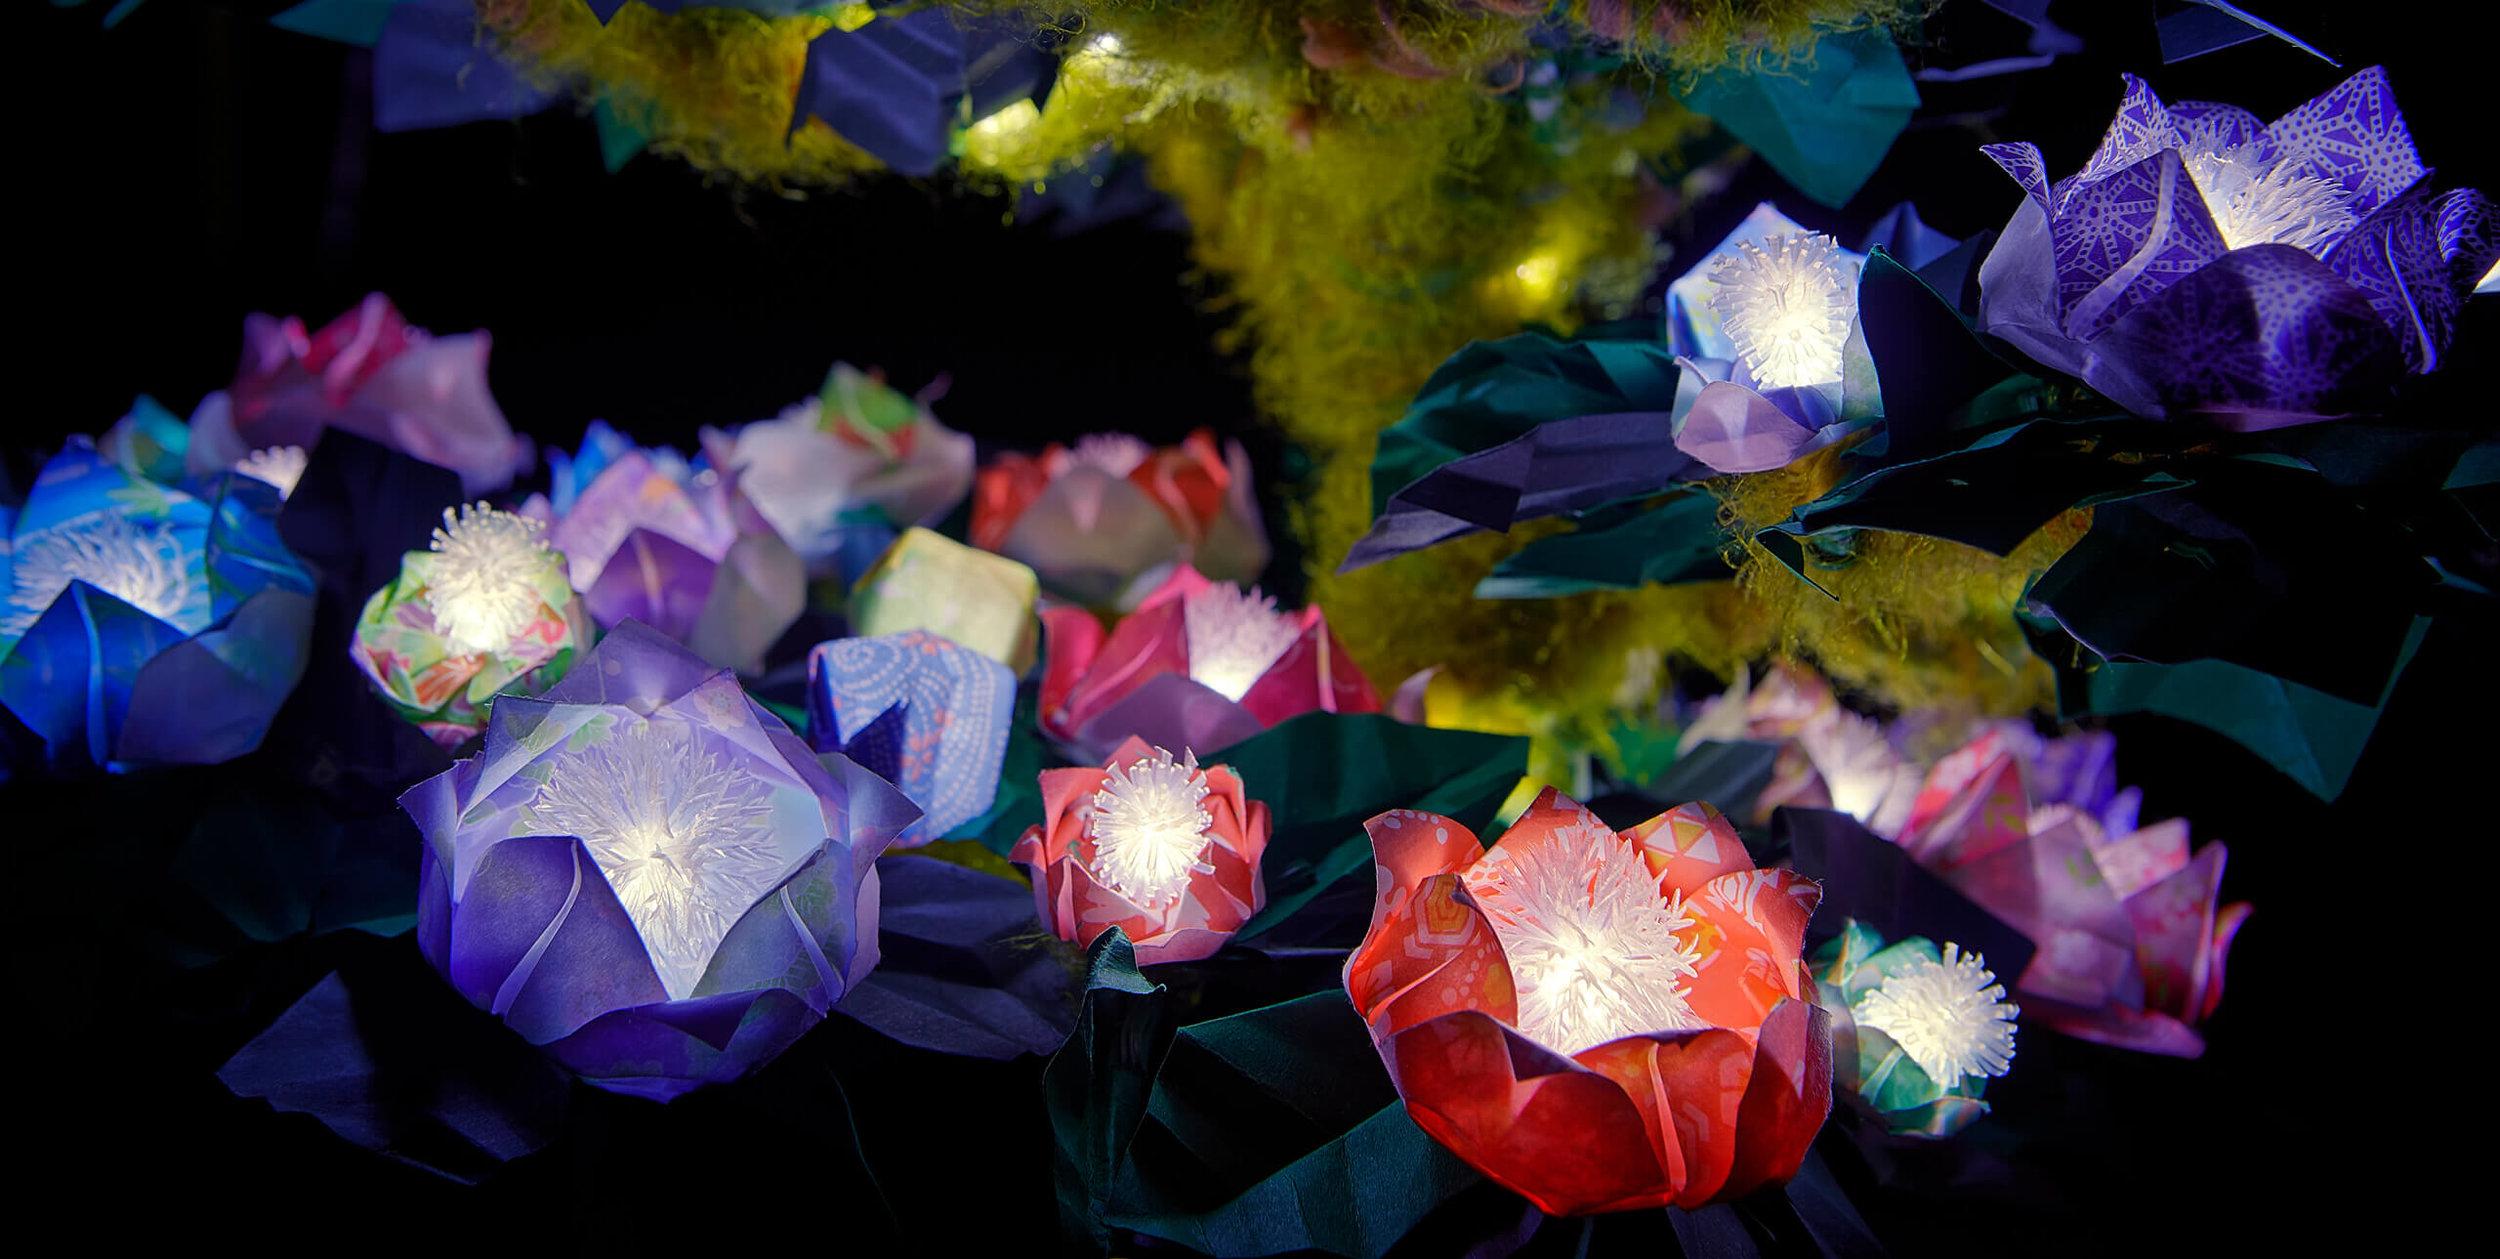 Magis-Magical tree-of-imagination-origami-LED-lamp-01.jpg